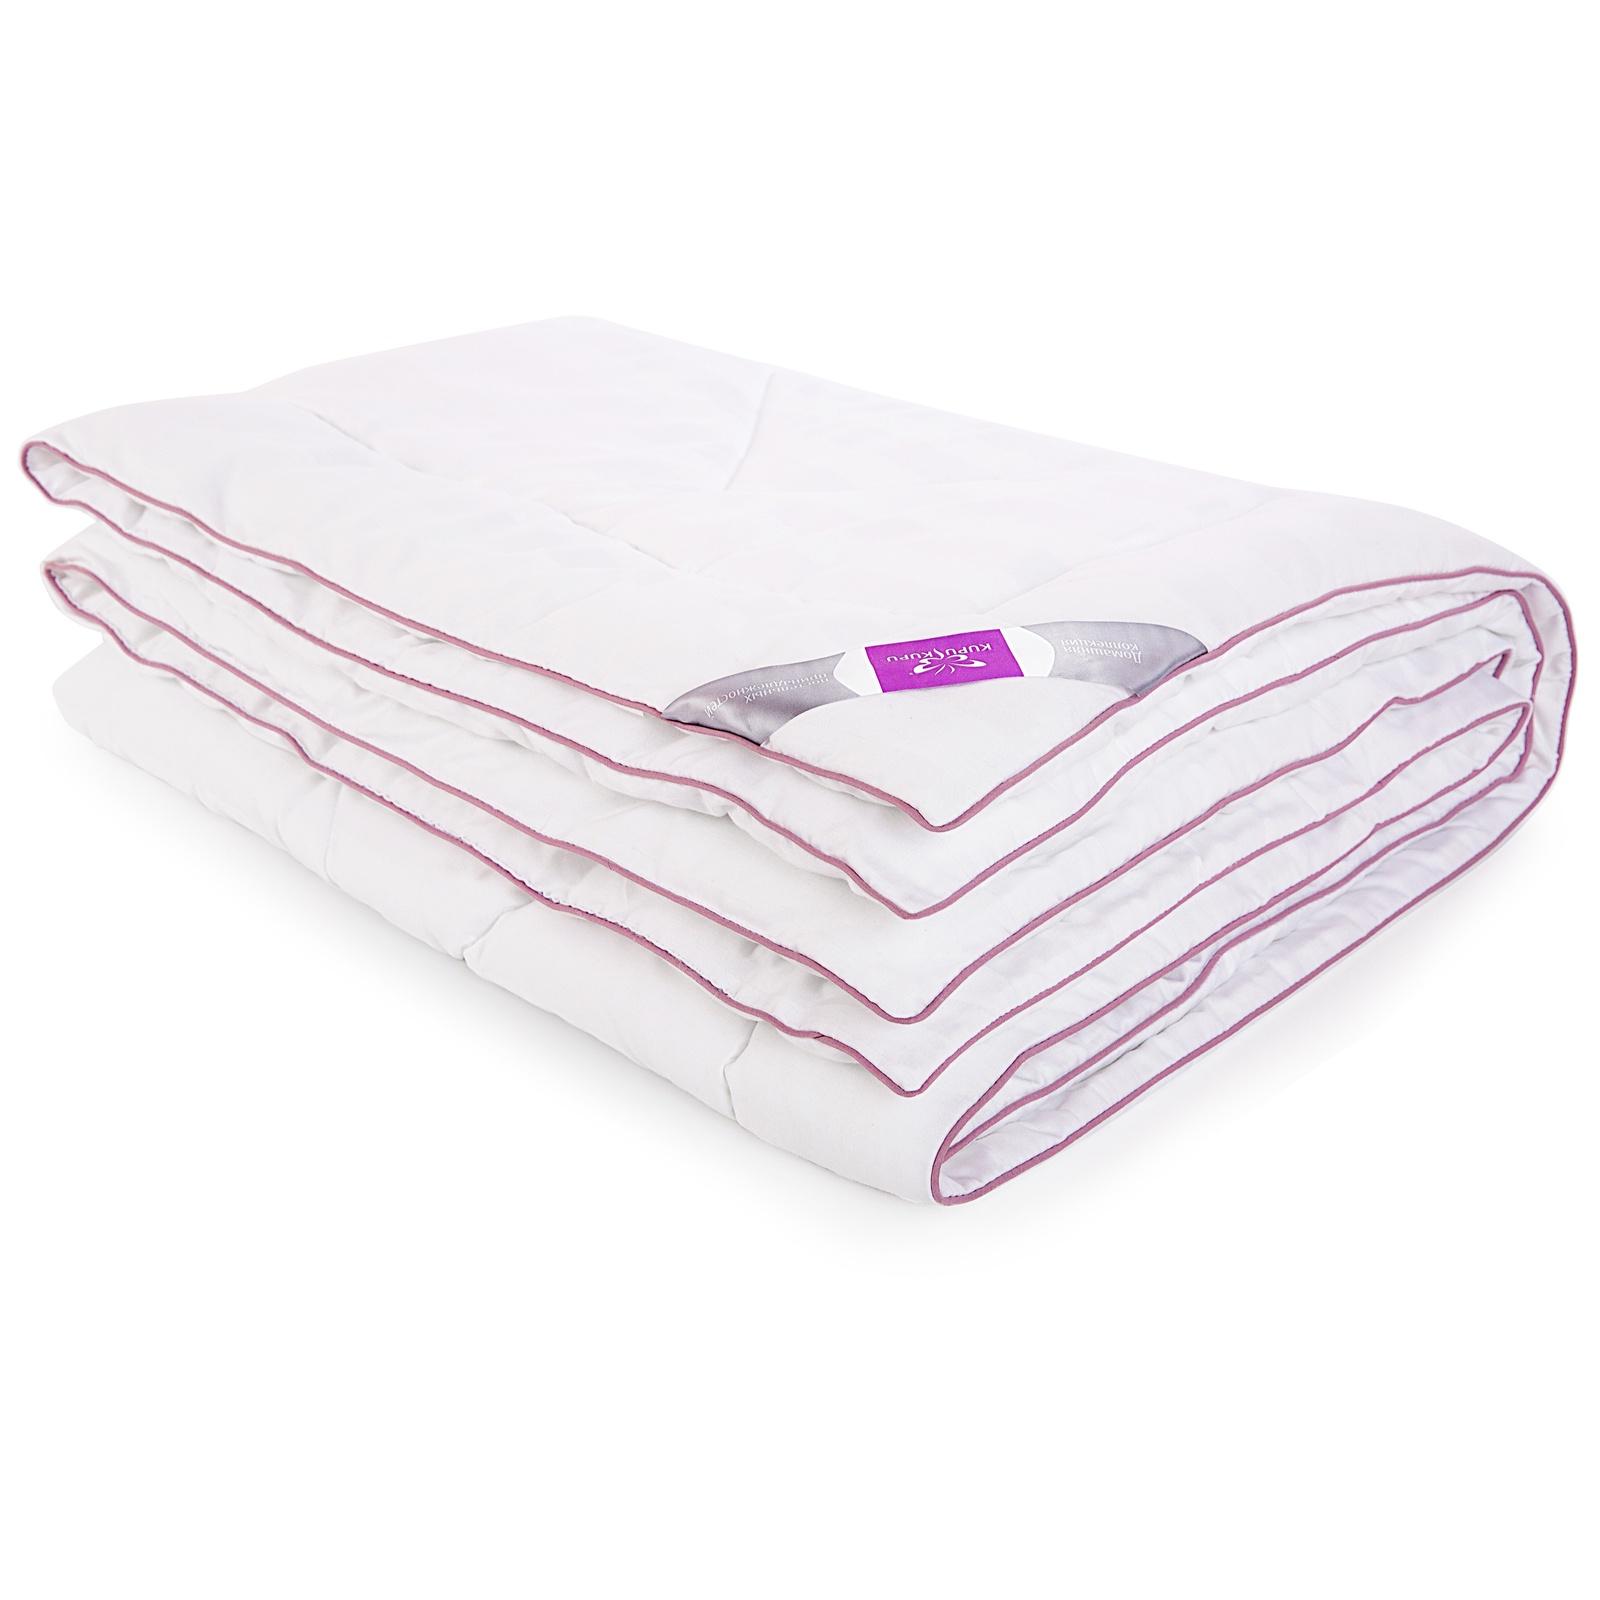 Одеяло KUPU-KUPU Лаванда 140х205 см